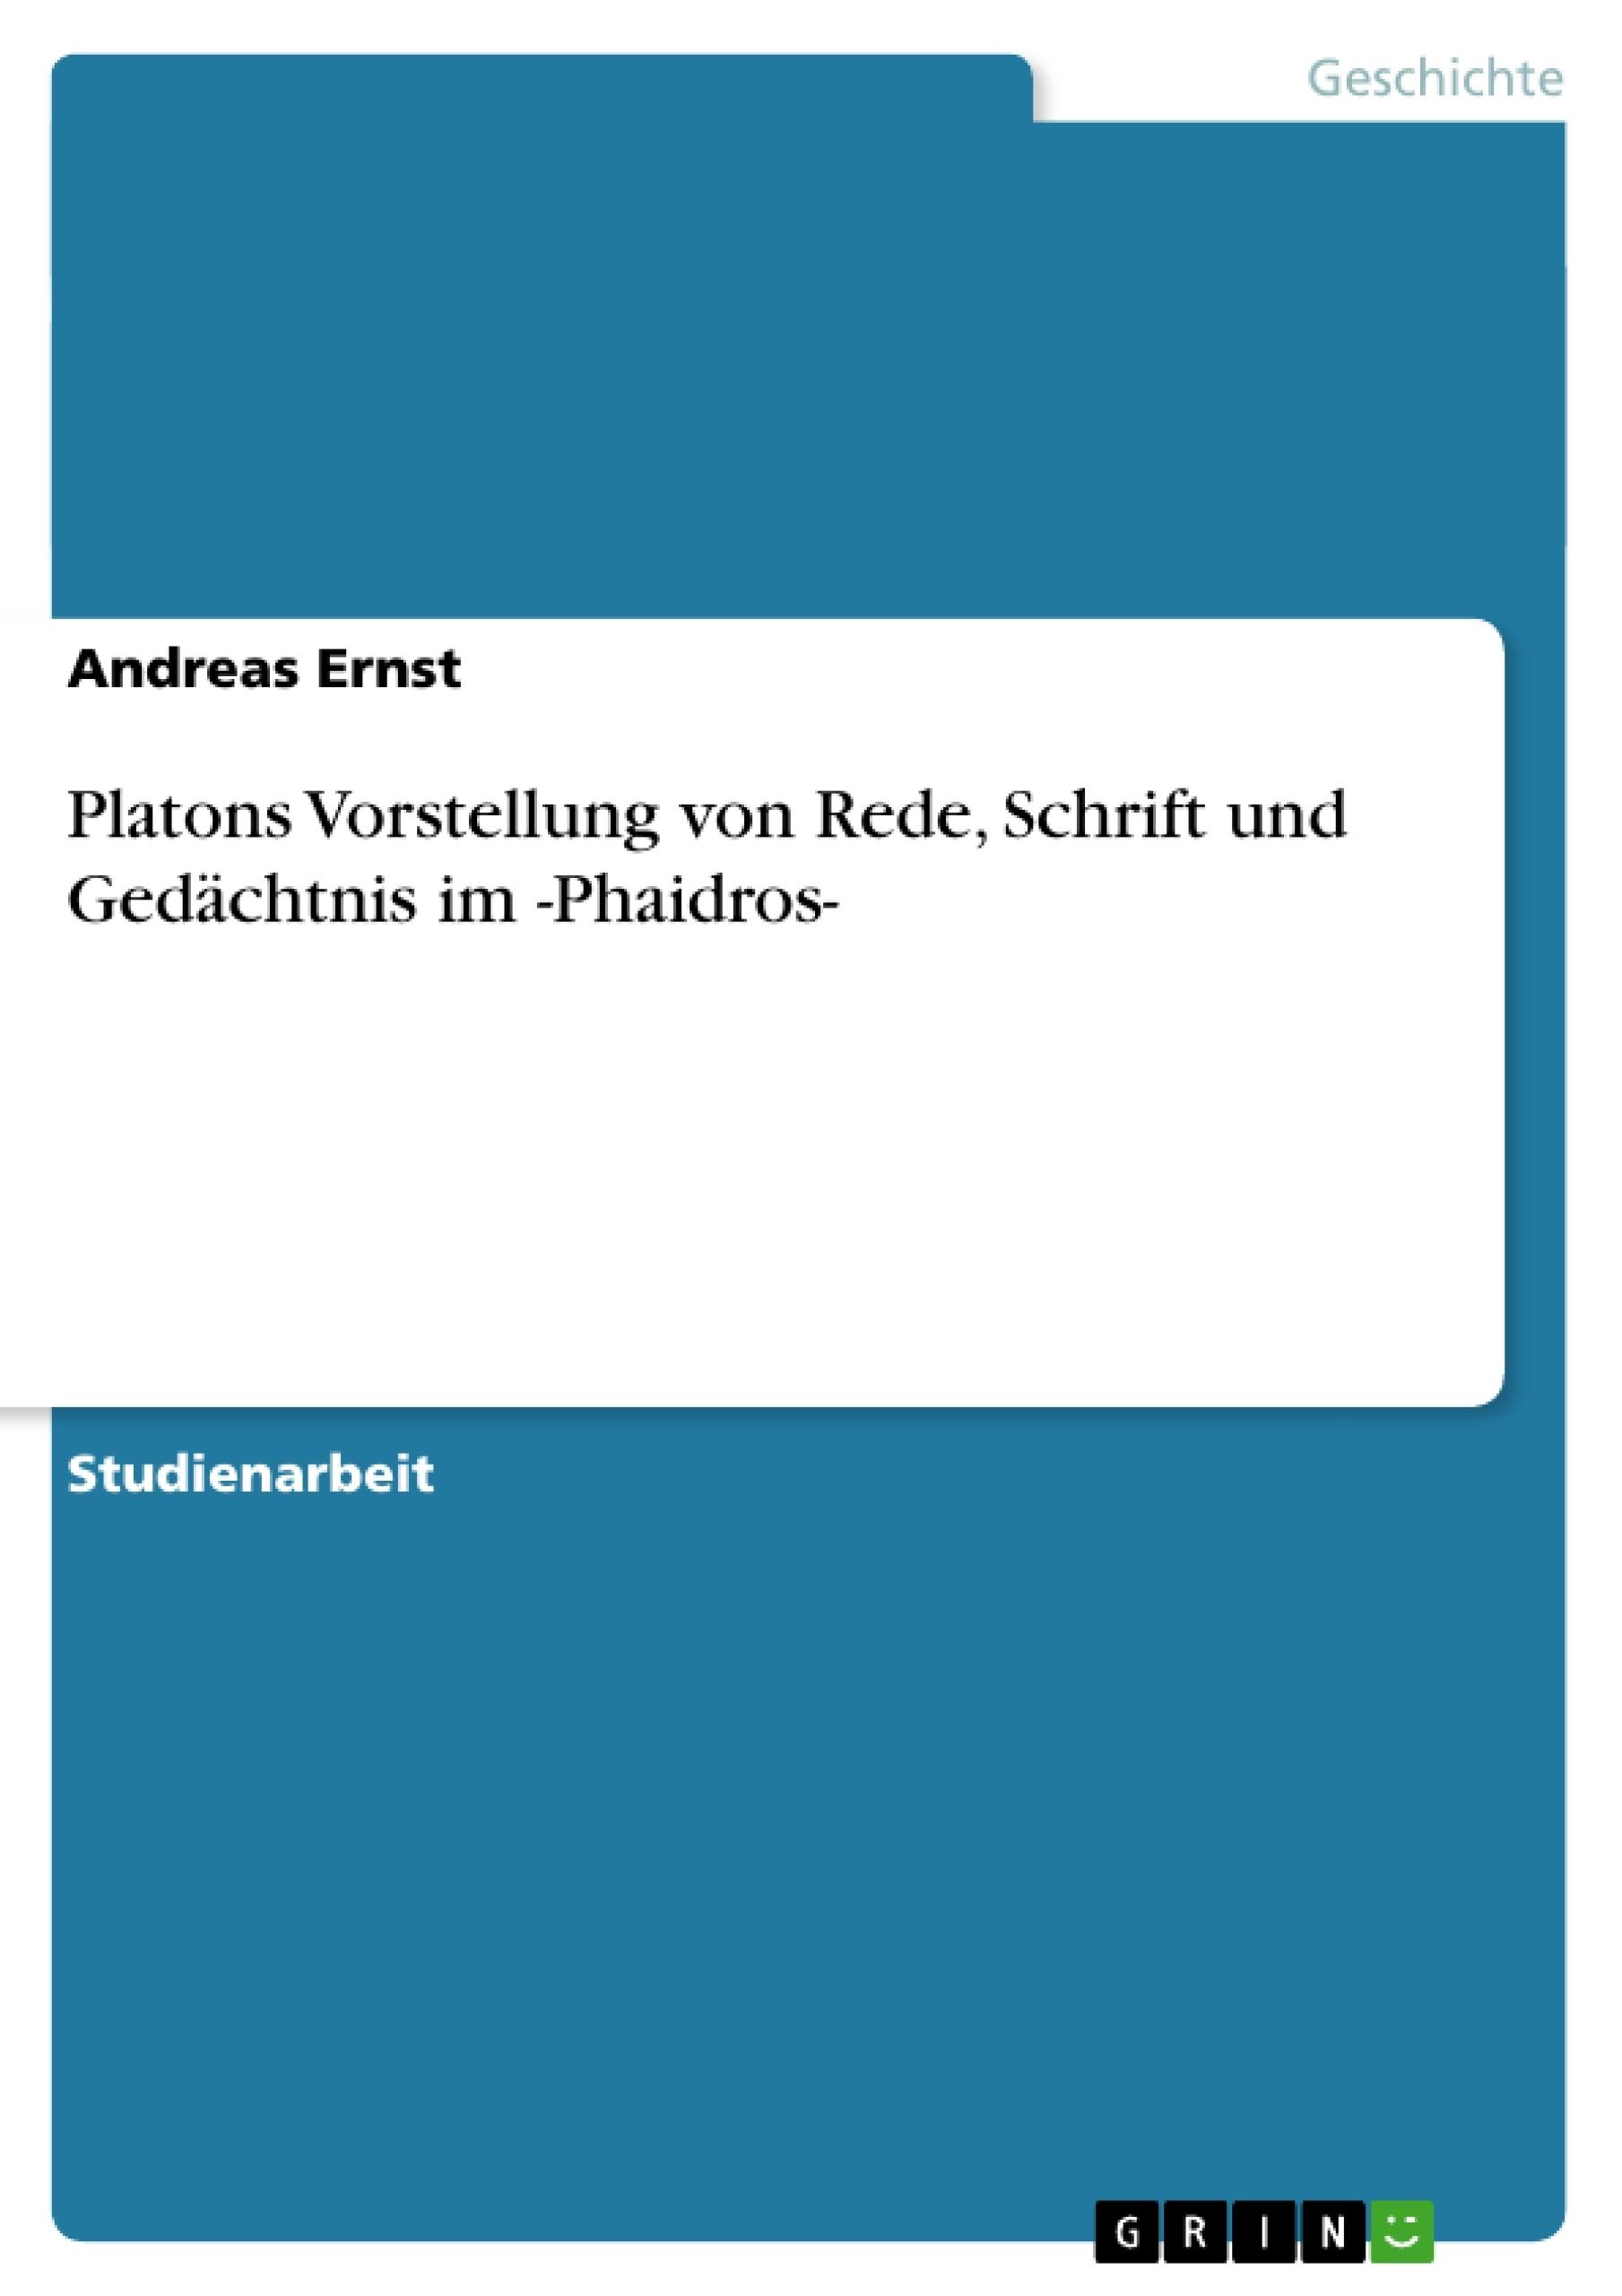 Titel: Platons Vorstellung von Rede, Schrift und Gedächtnis im -Phaidros-